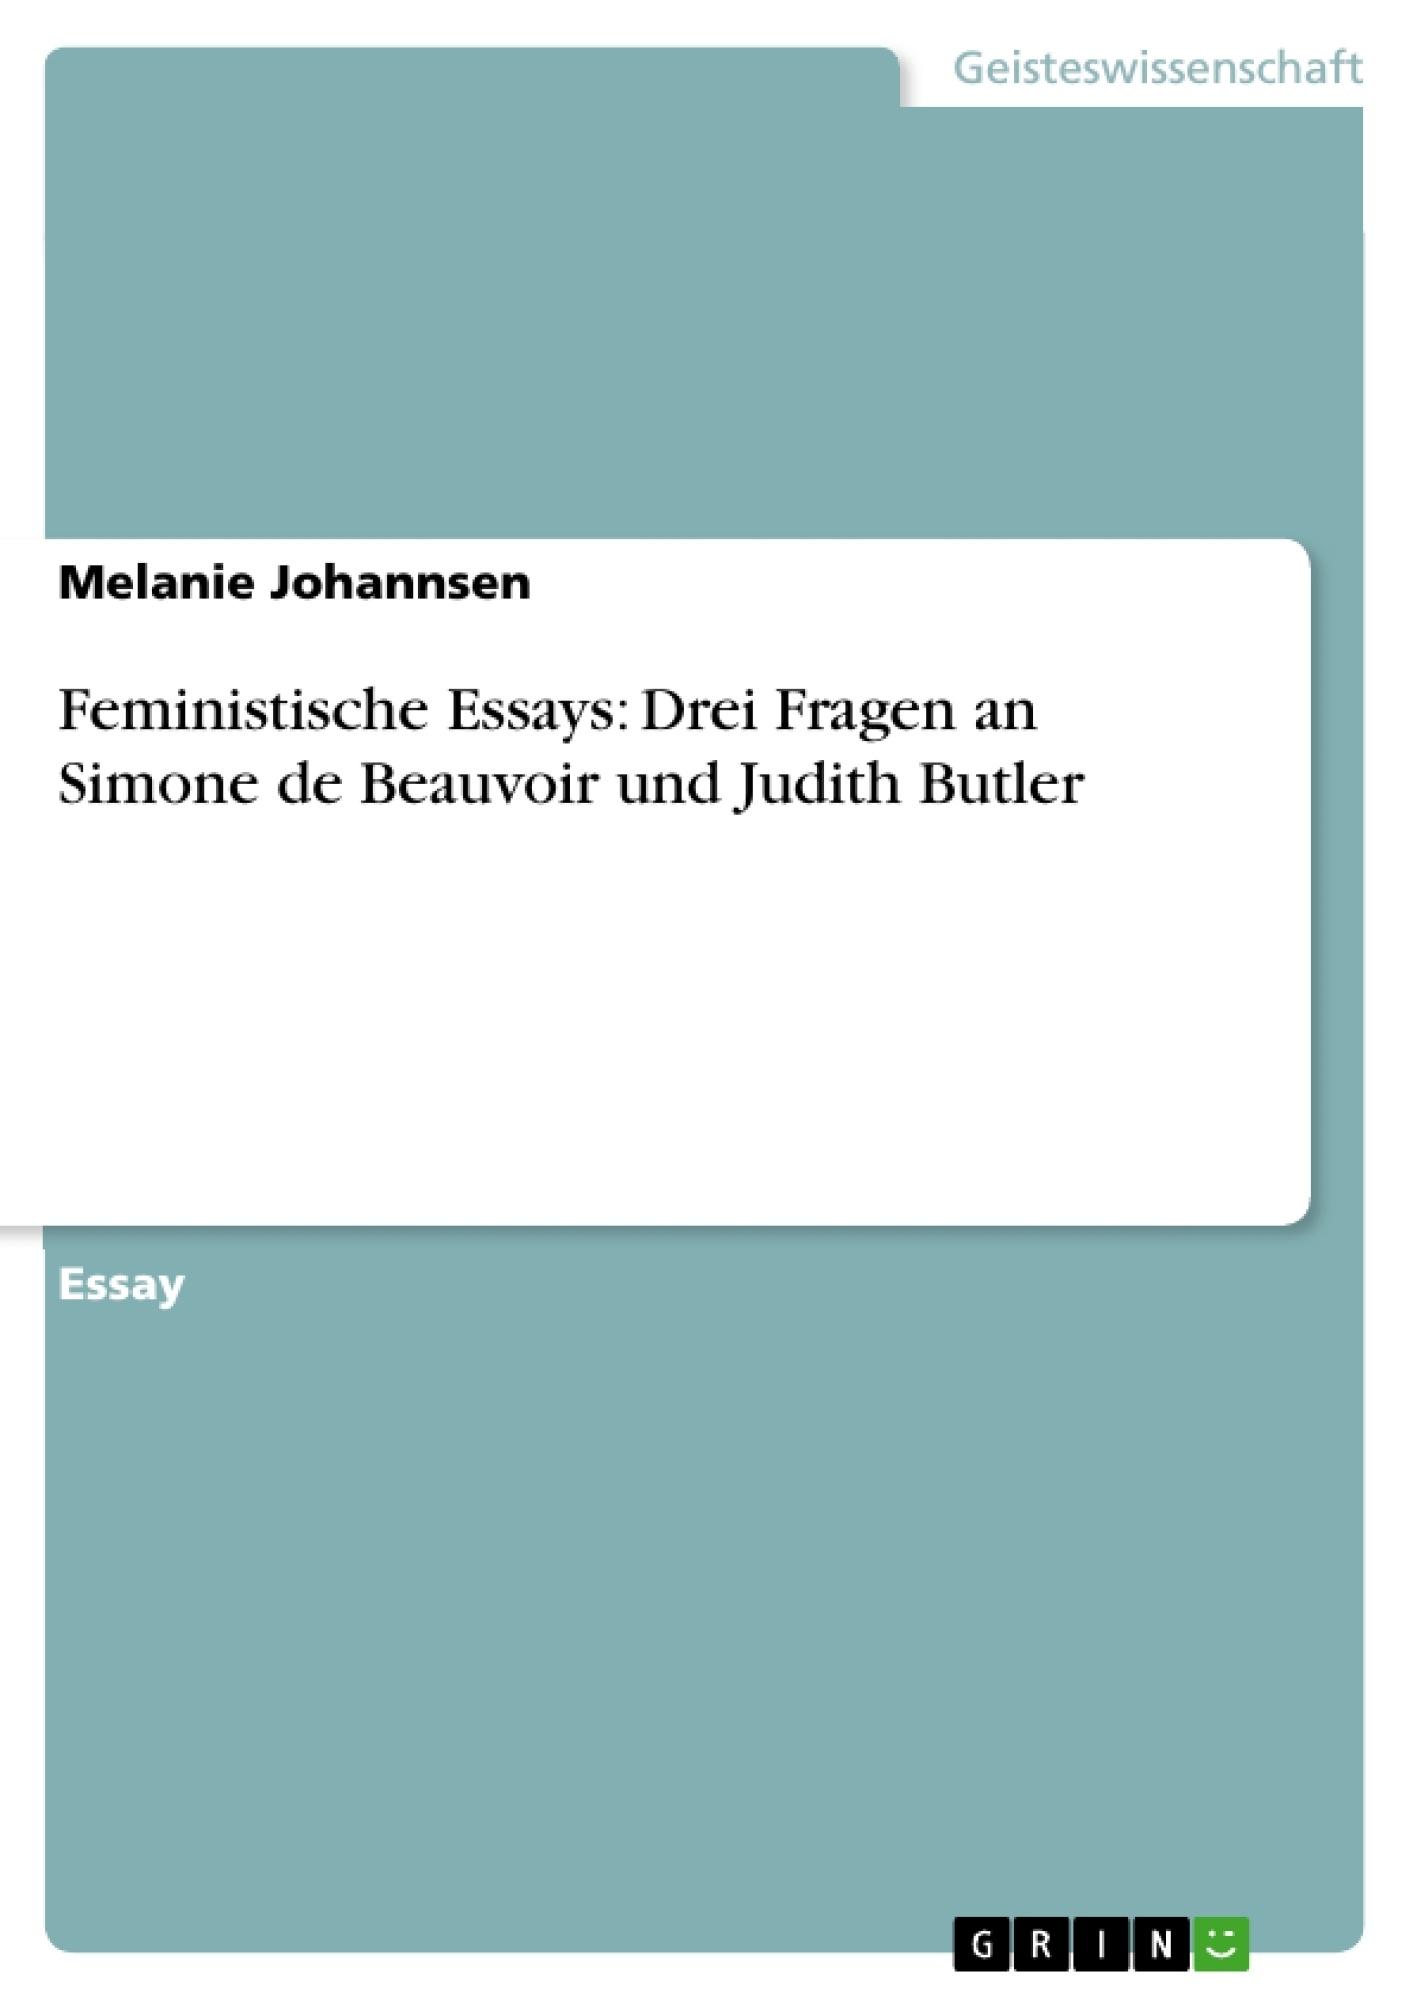 Titel: Feministische Essays: Drei Fragen an Simone de Beauvoir und Judith Butler